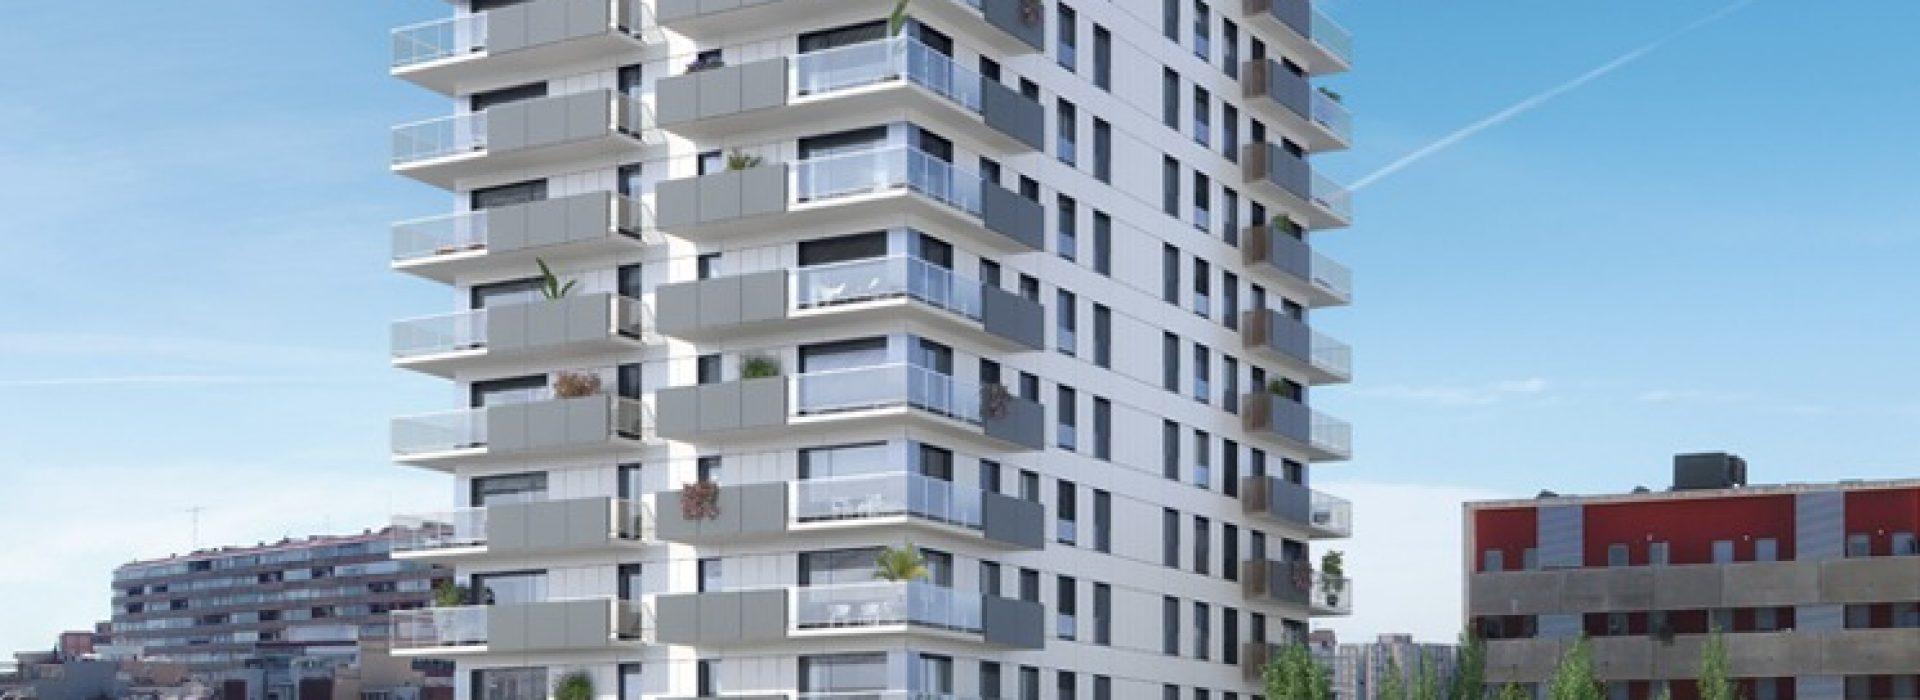 residencial-estronci-99-02